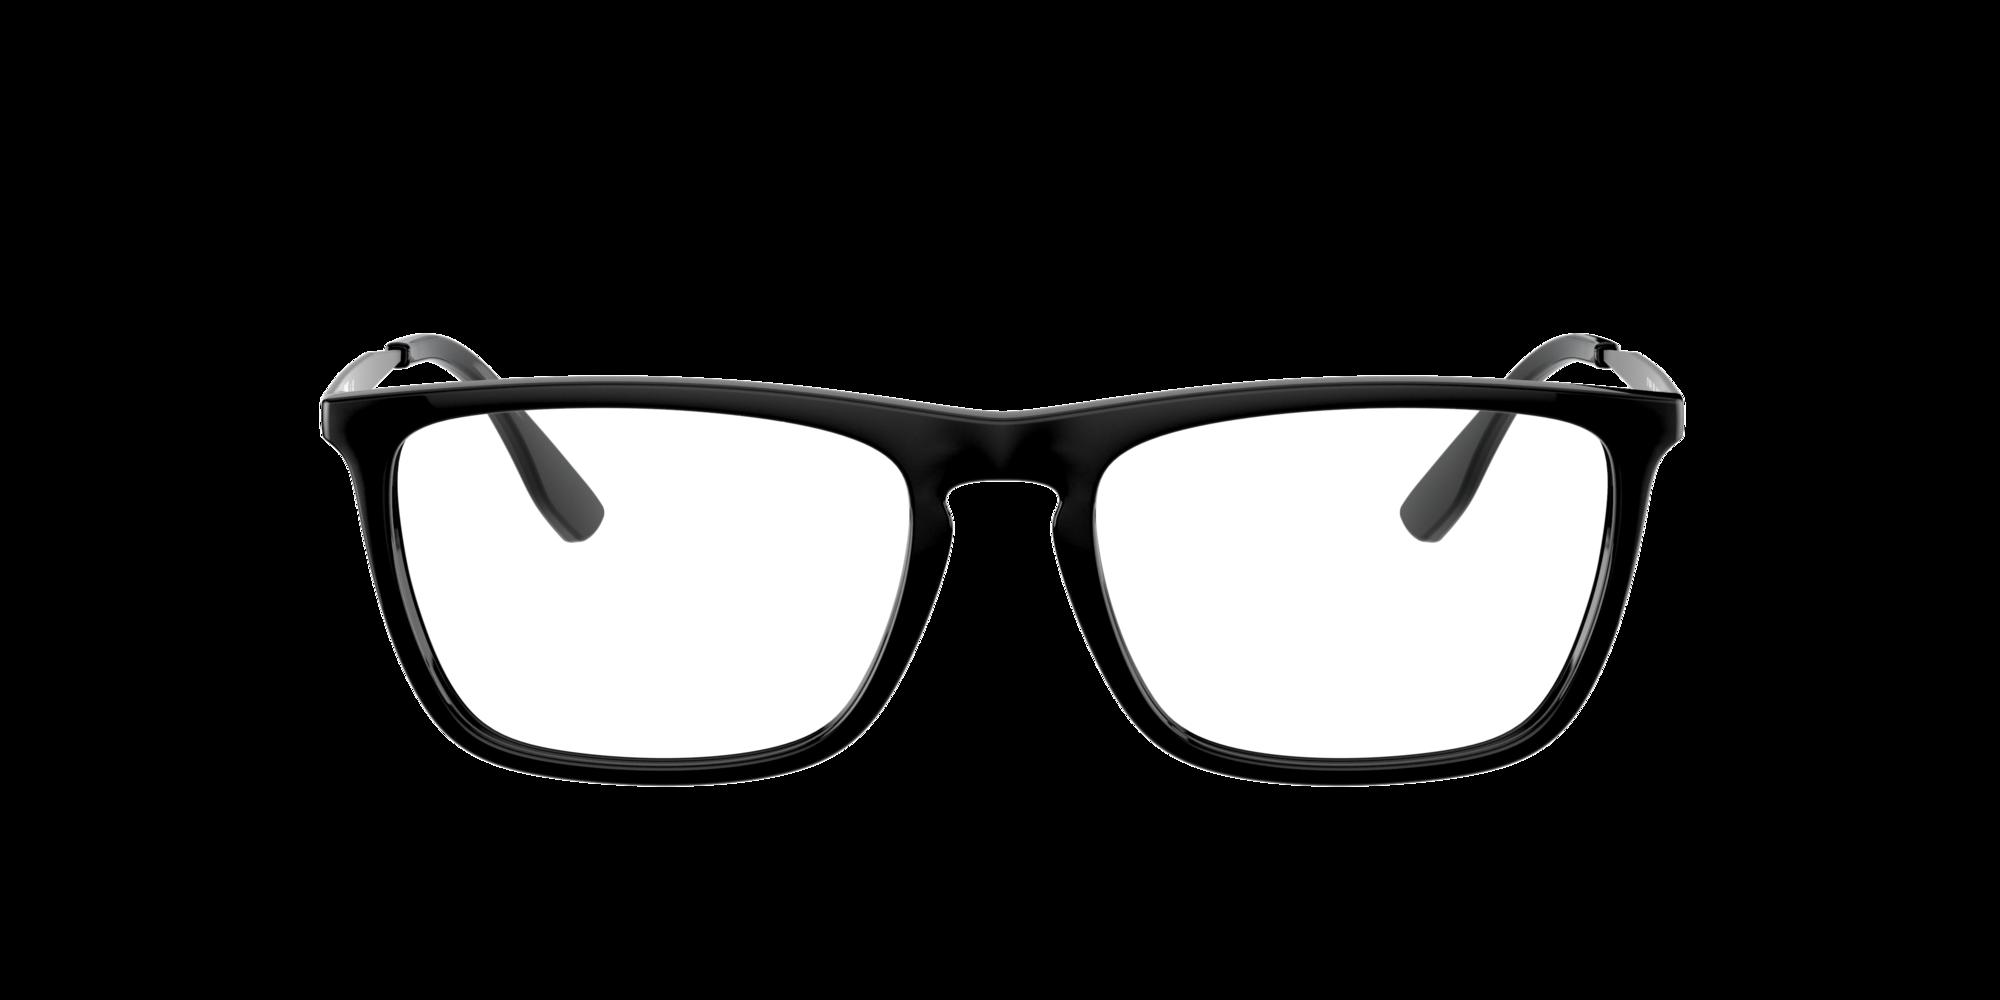 Imagen para CP3048 de LensCrafters |  Espejuelos, espejuelos graduados en línea, gafas